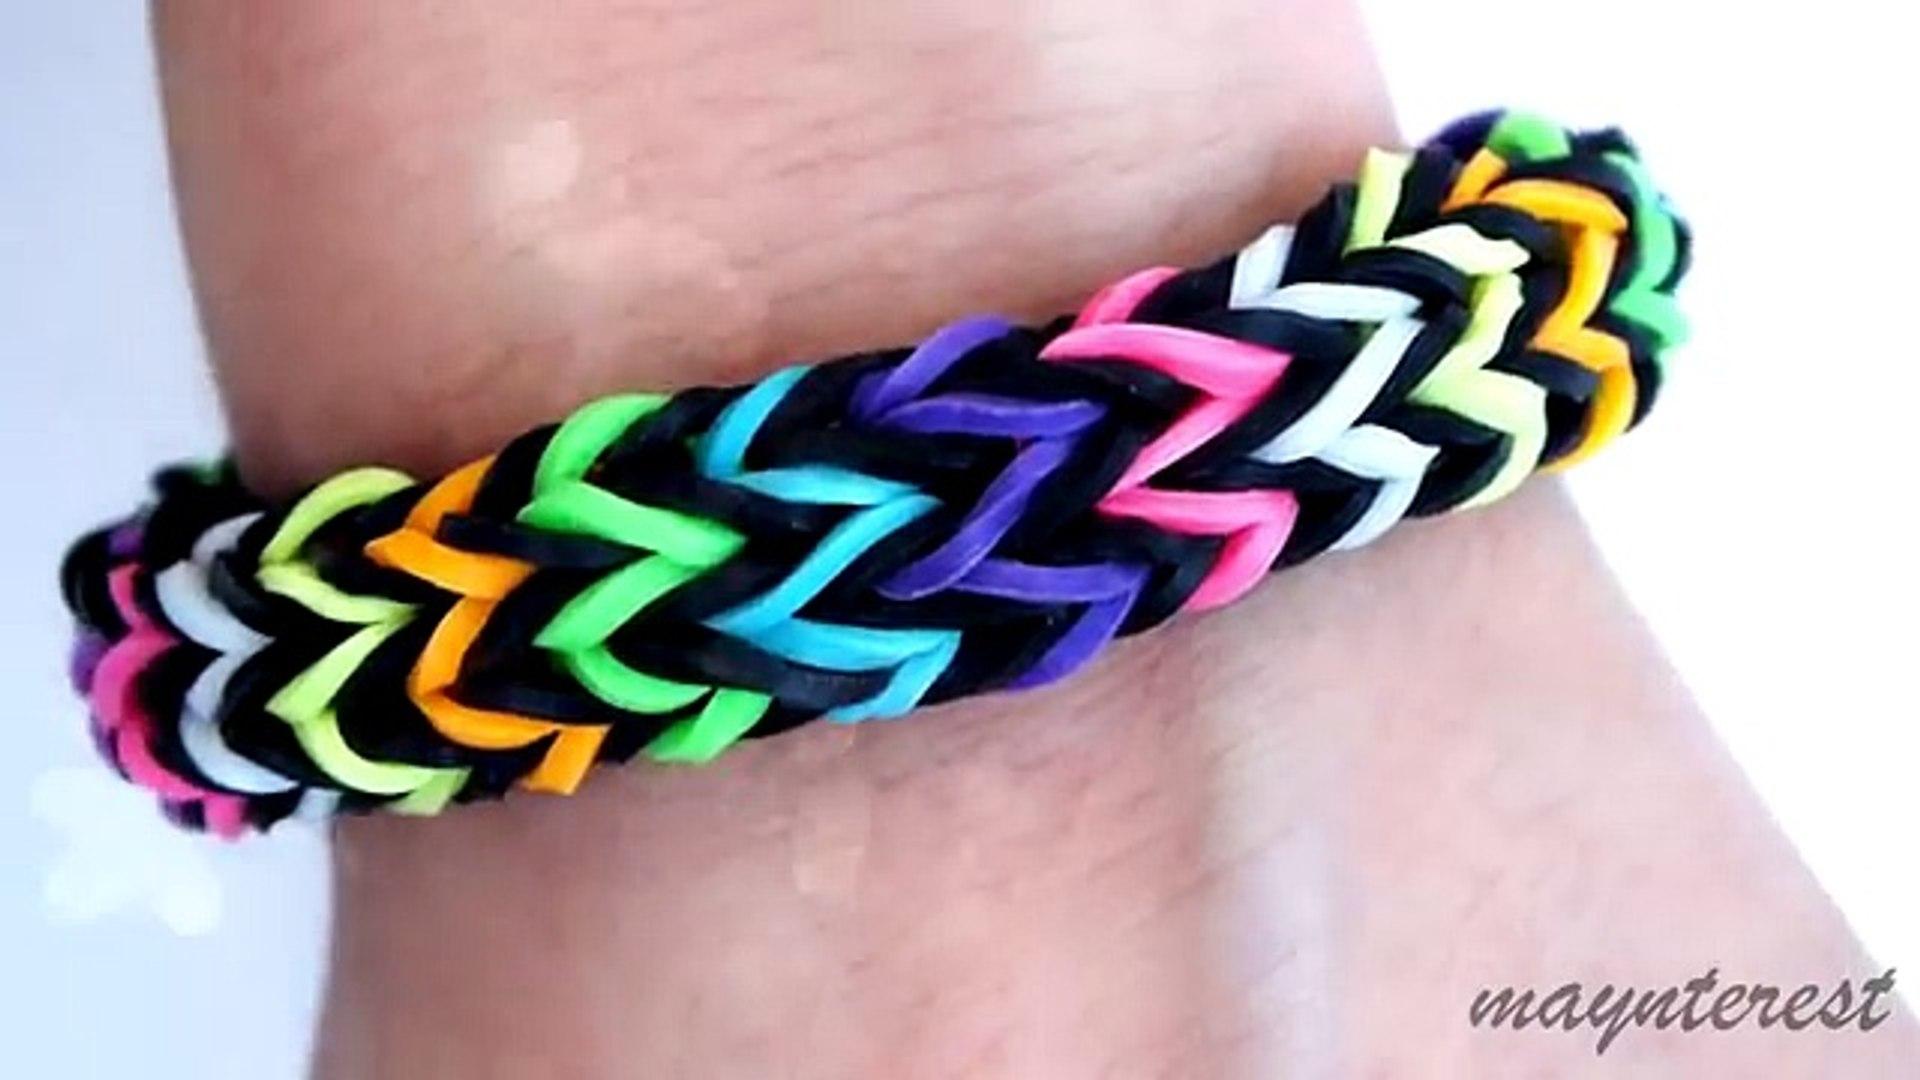 d8694c04b991 Pulsera de gomitas Zigzag multicolor (SIN TELAR-CON TENEDORES - NO LOOM) (1)